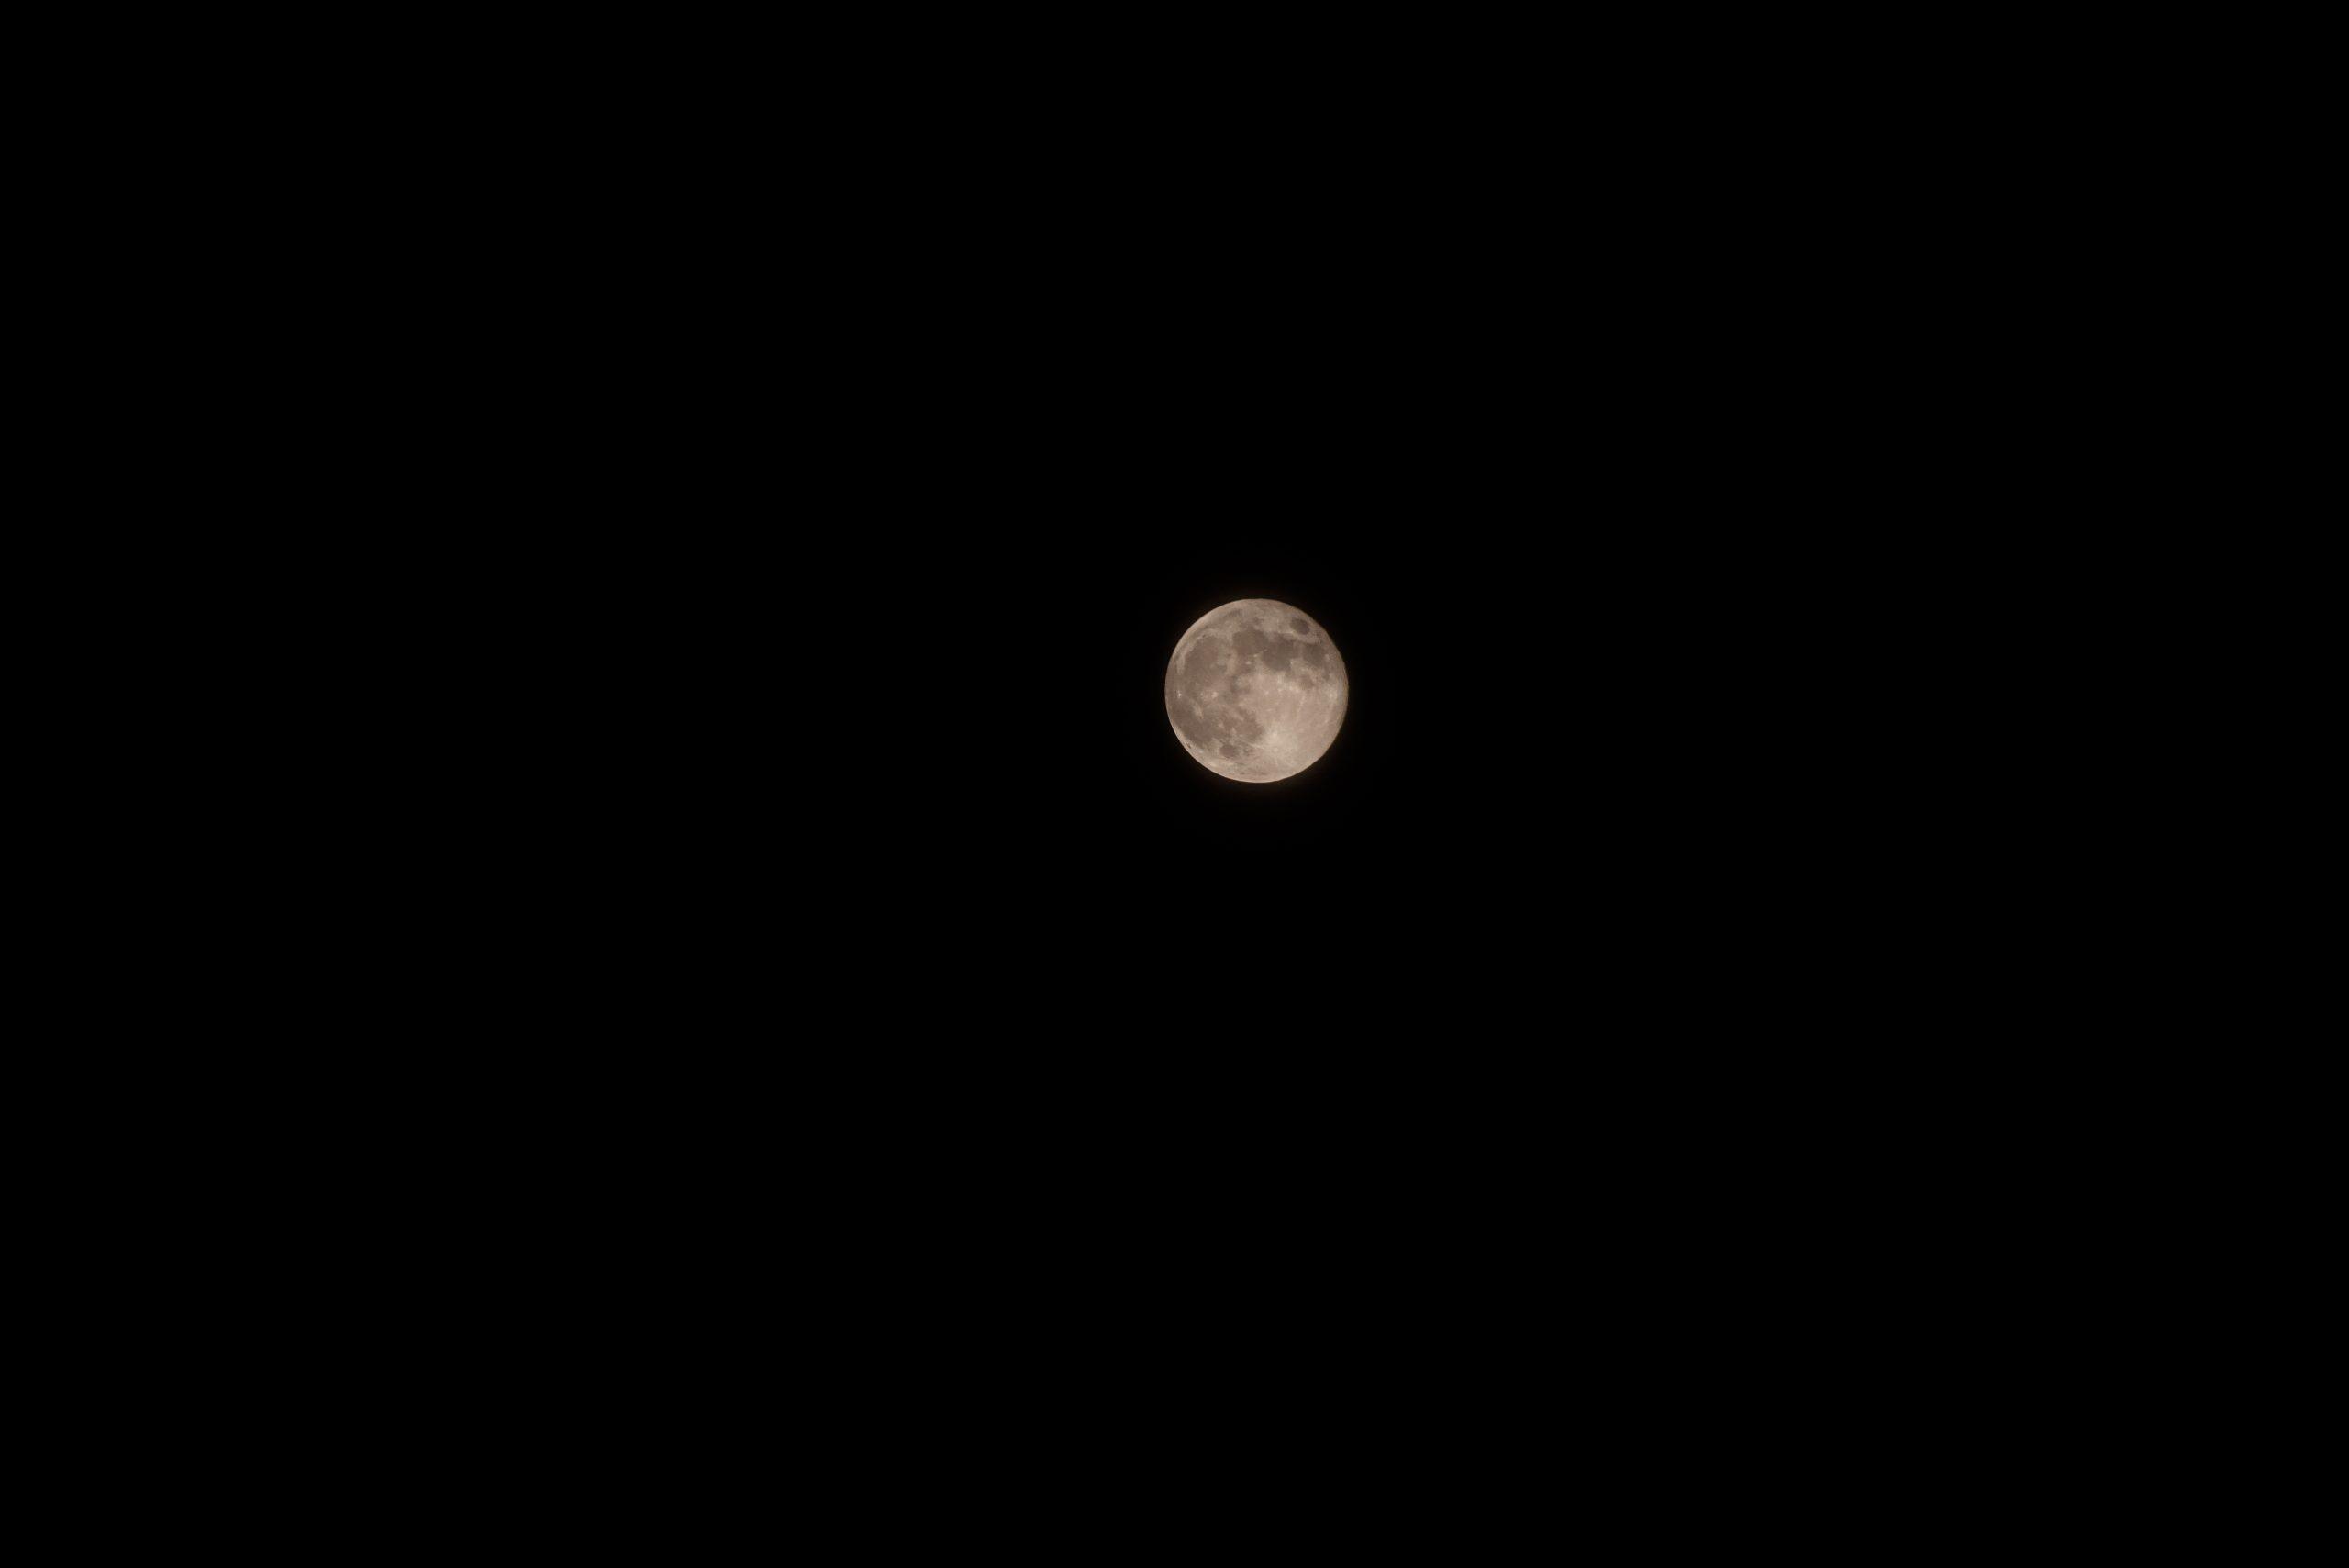 Auf den Mond fokussiert und belichtet.